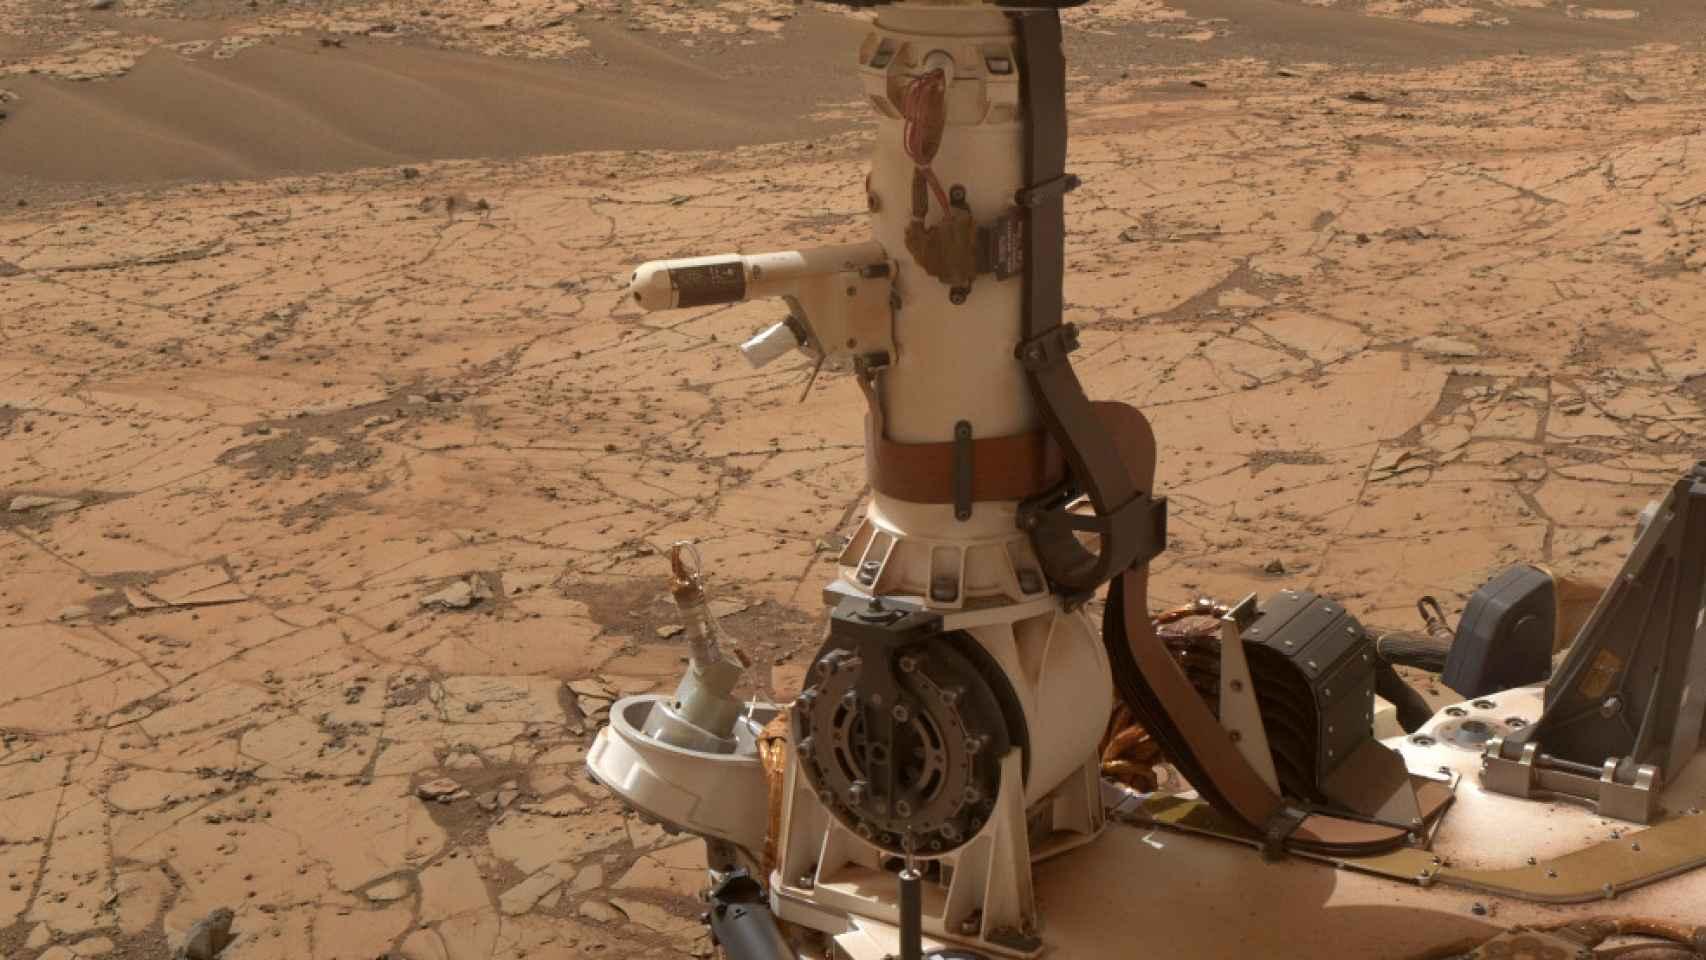 Los instrumentos meteorológicos del Curiosity con Marte de fondo.